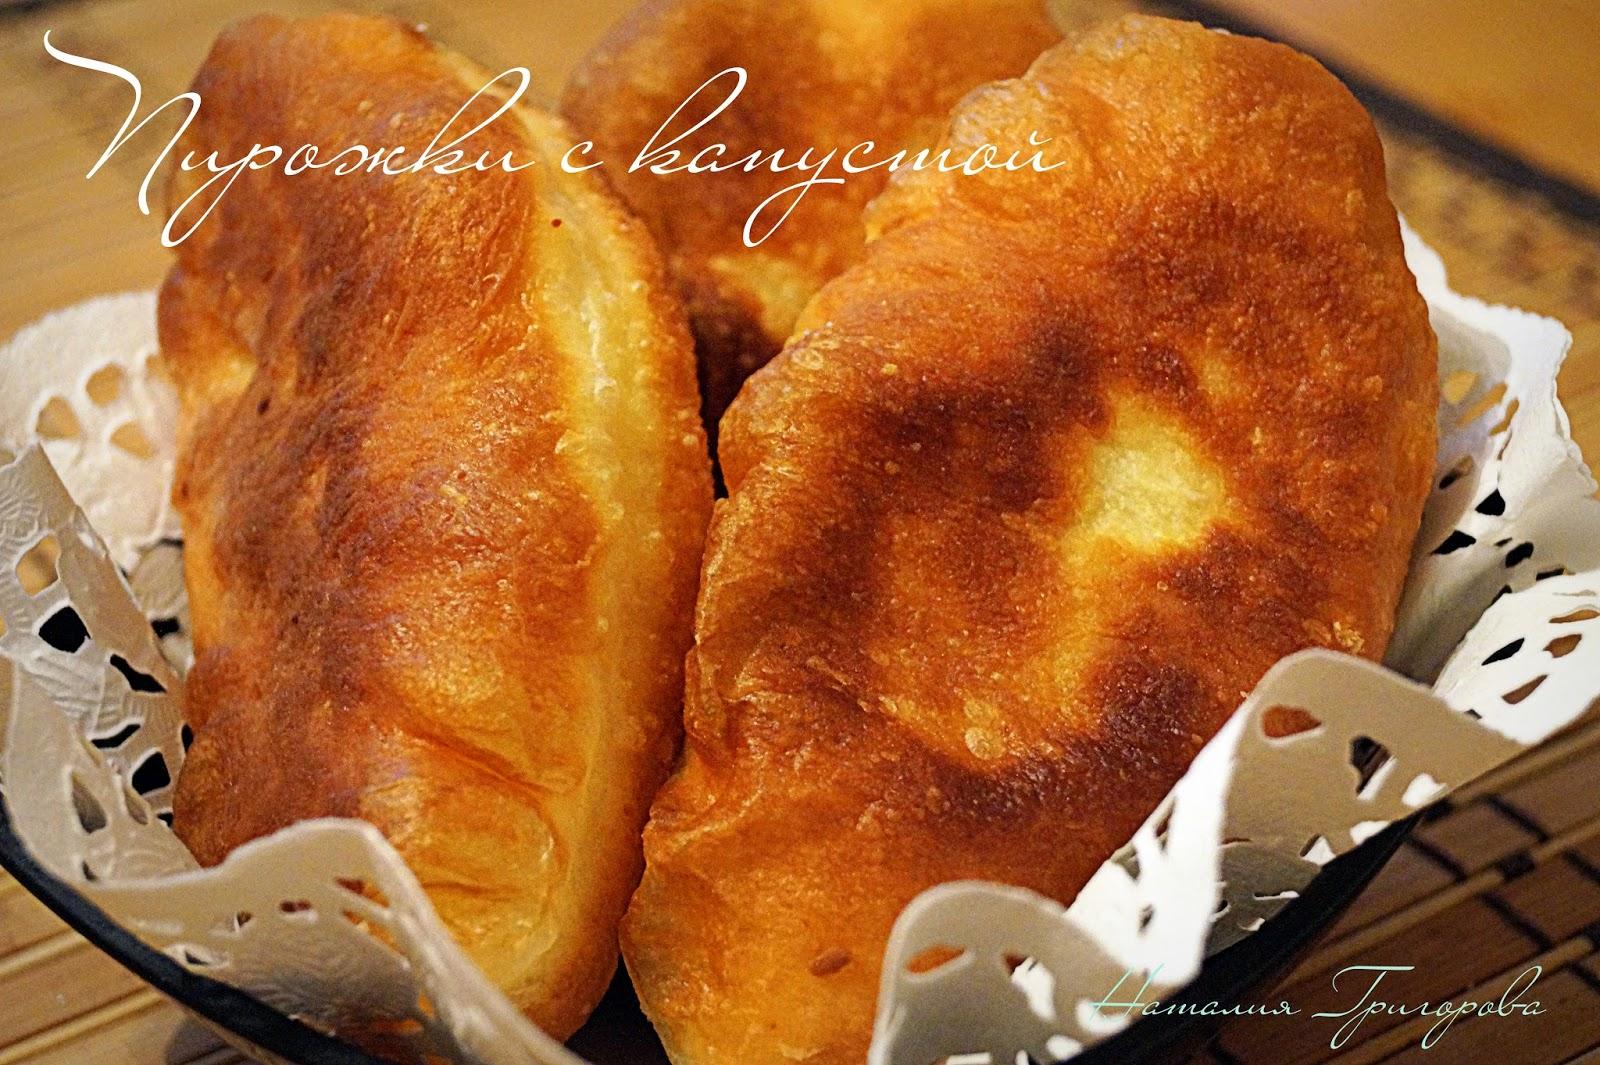 Пирожки на молоке в духовке рецепт пошагово